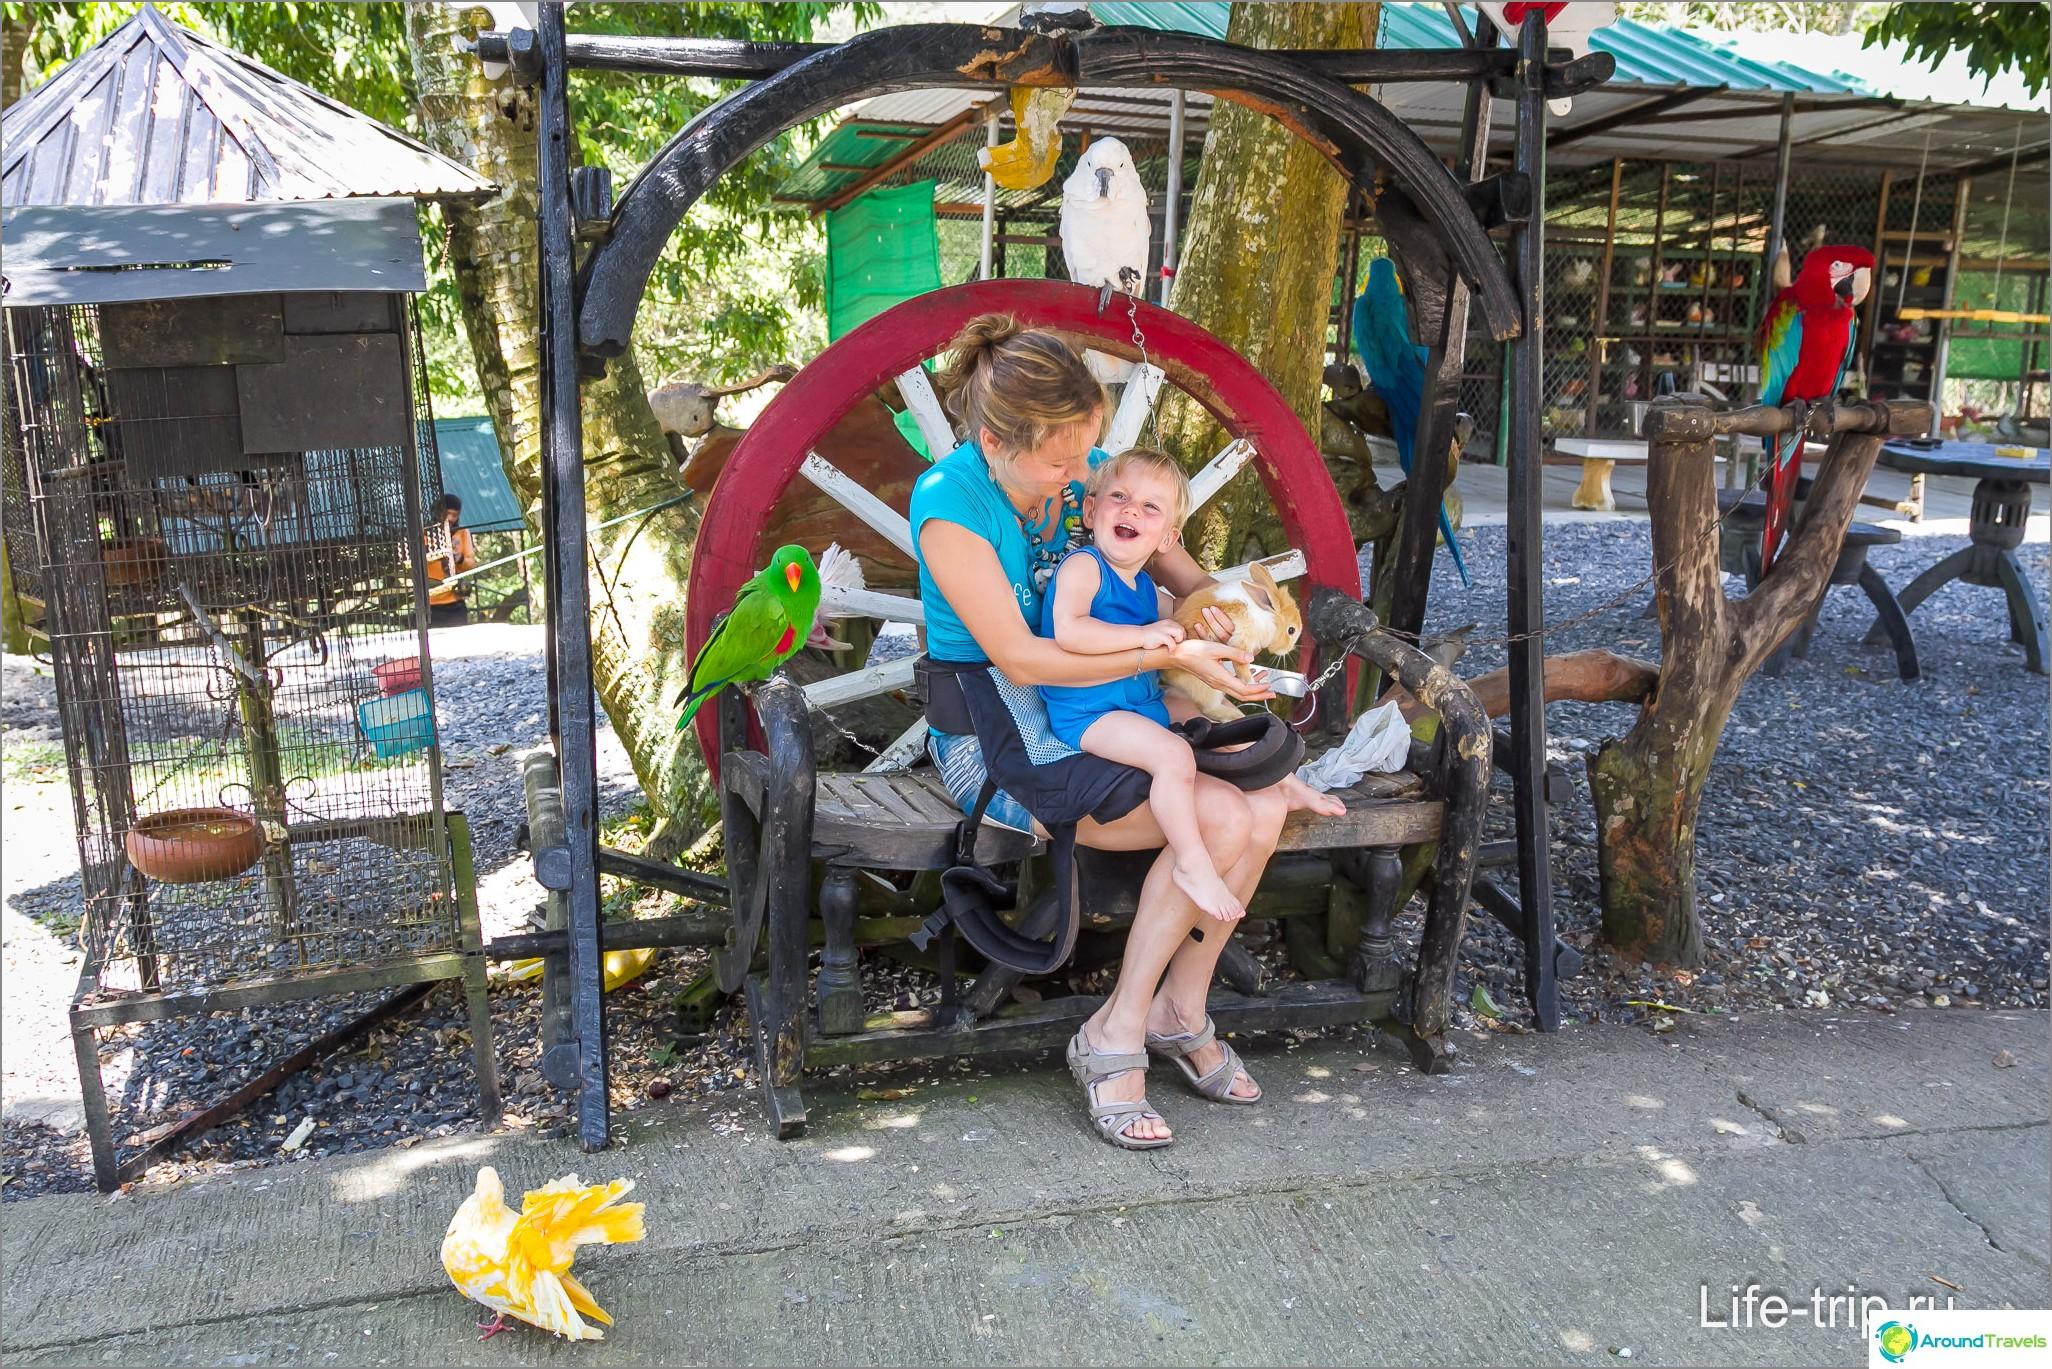 Ota yhteyttä Zoo Paradise Park -puistoon